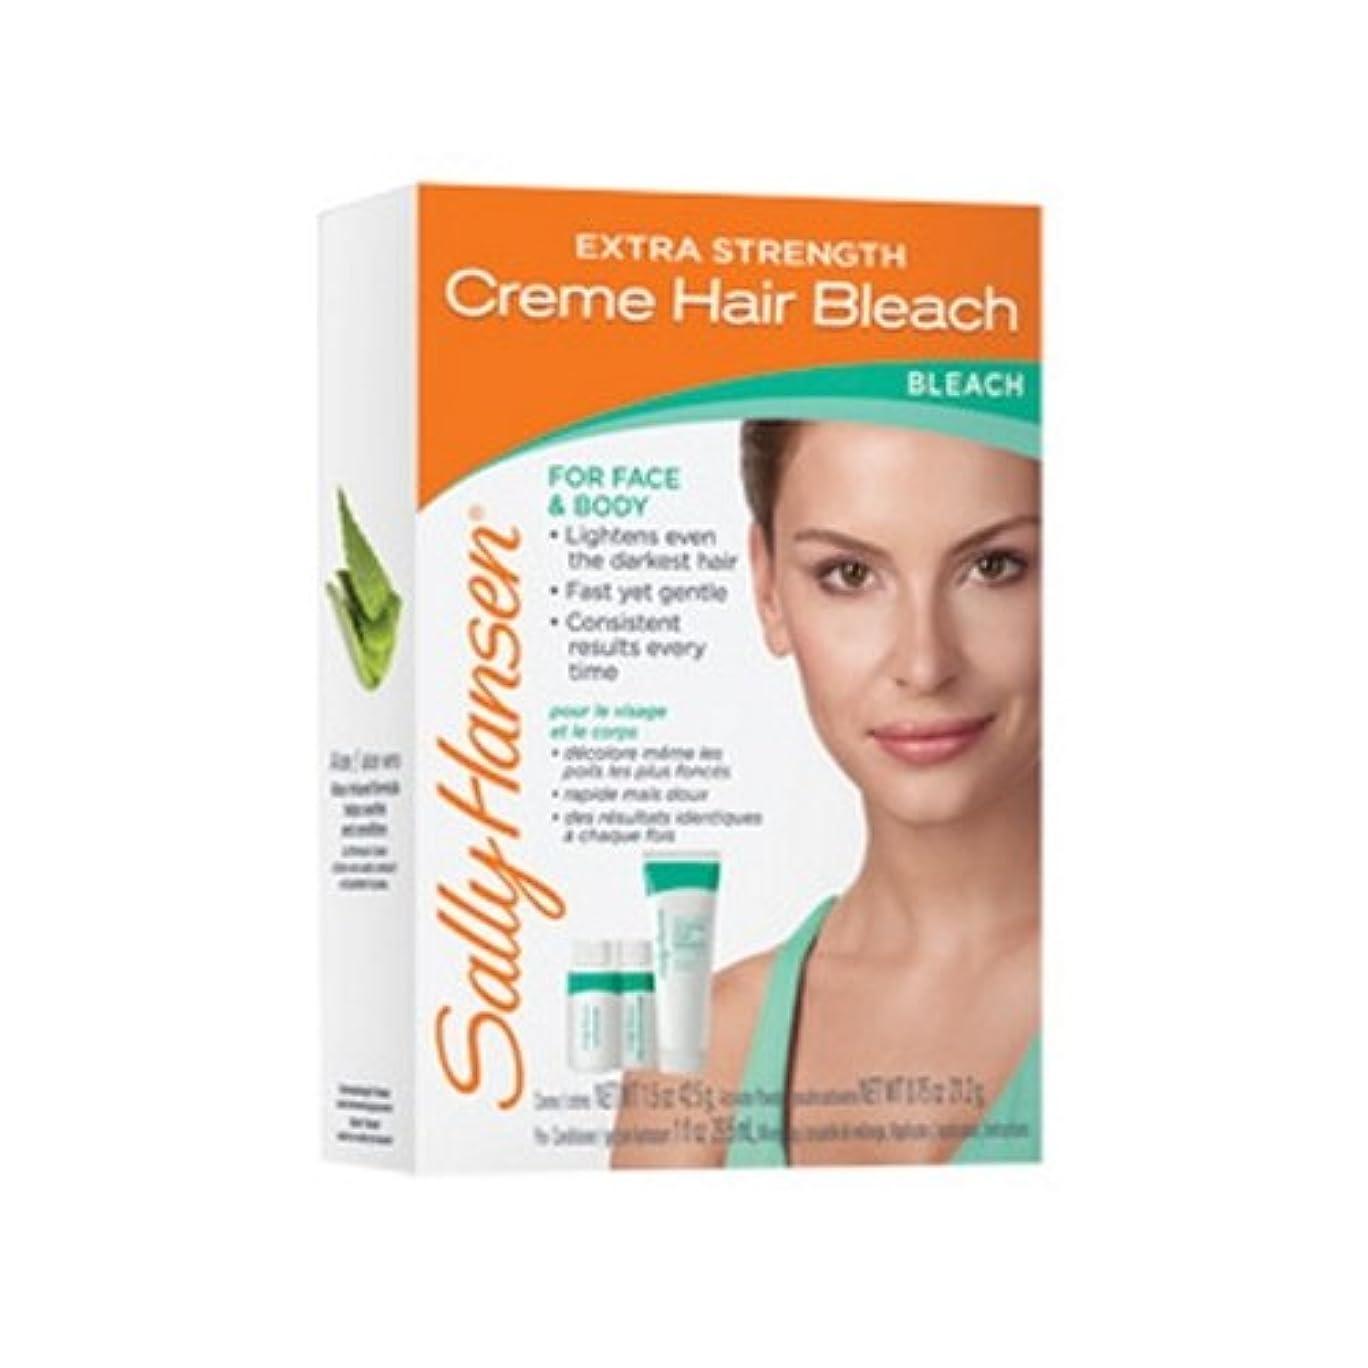 笑い曖昧な東ティモールSALLY HANSEN Extra Strength Creme Hair Bleach for Face & Body - SH2010 (並行輸入品)